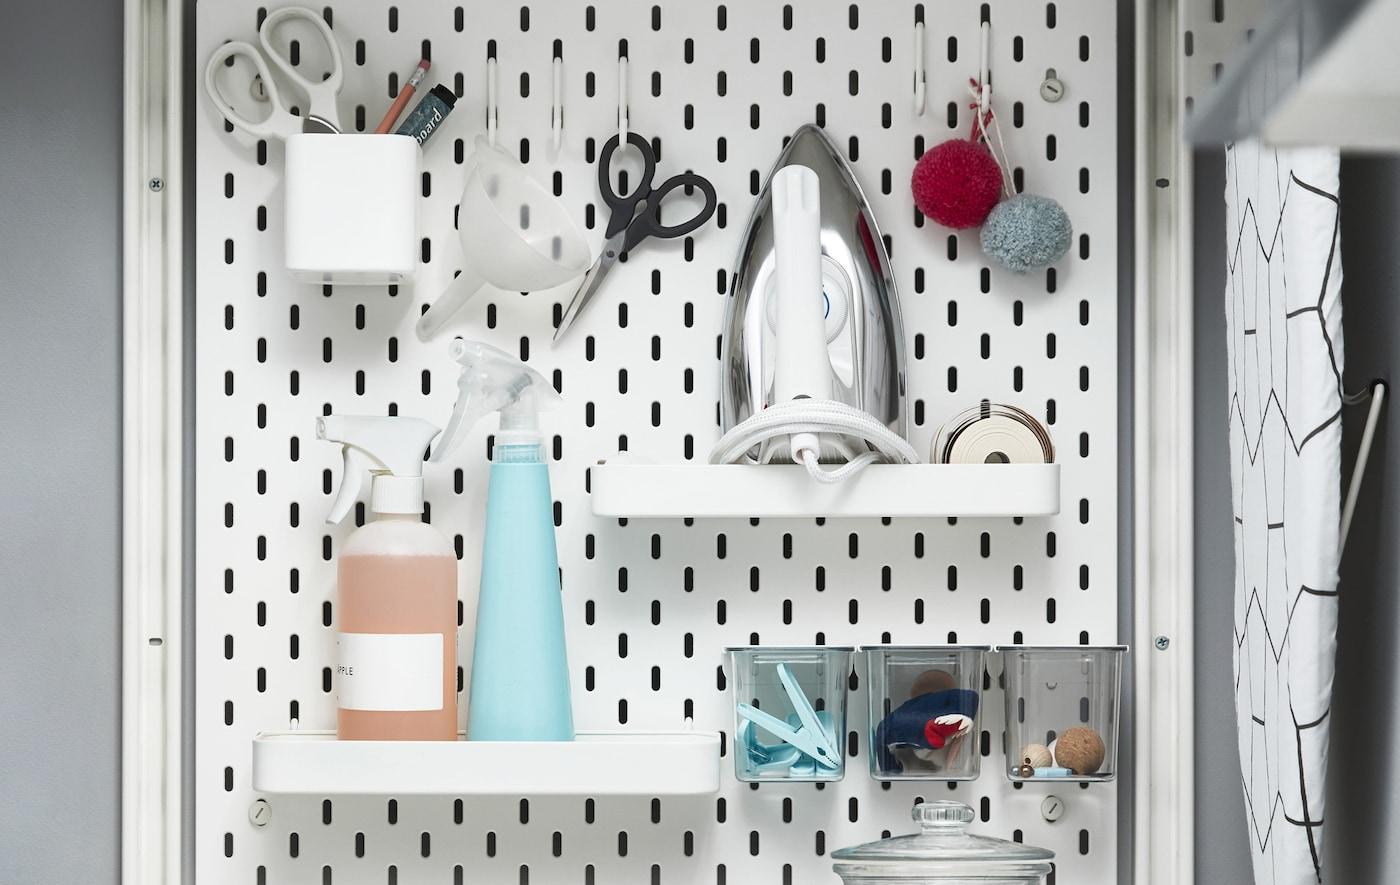 Pribor za pranje veša odložen na policama, u kanticama i na kukama, na beloj perforiranoj ploči.